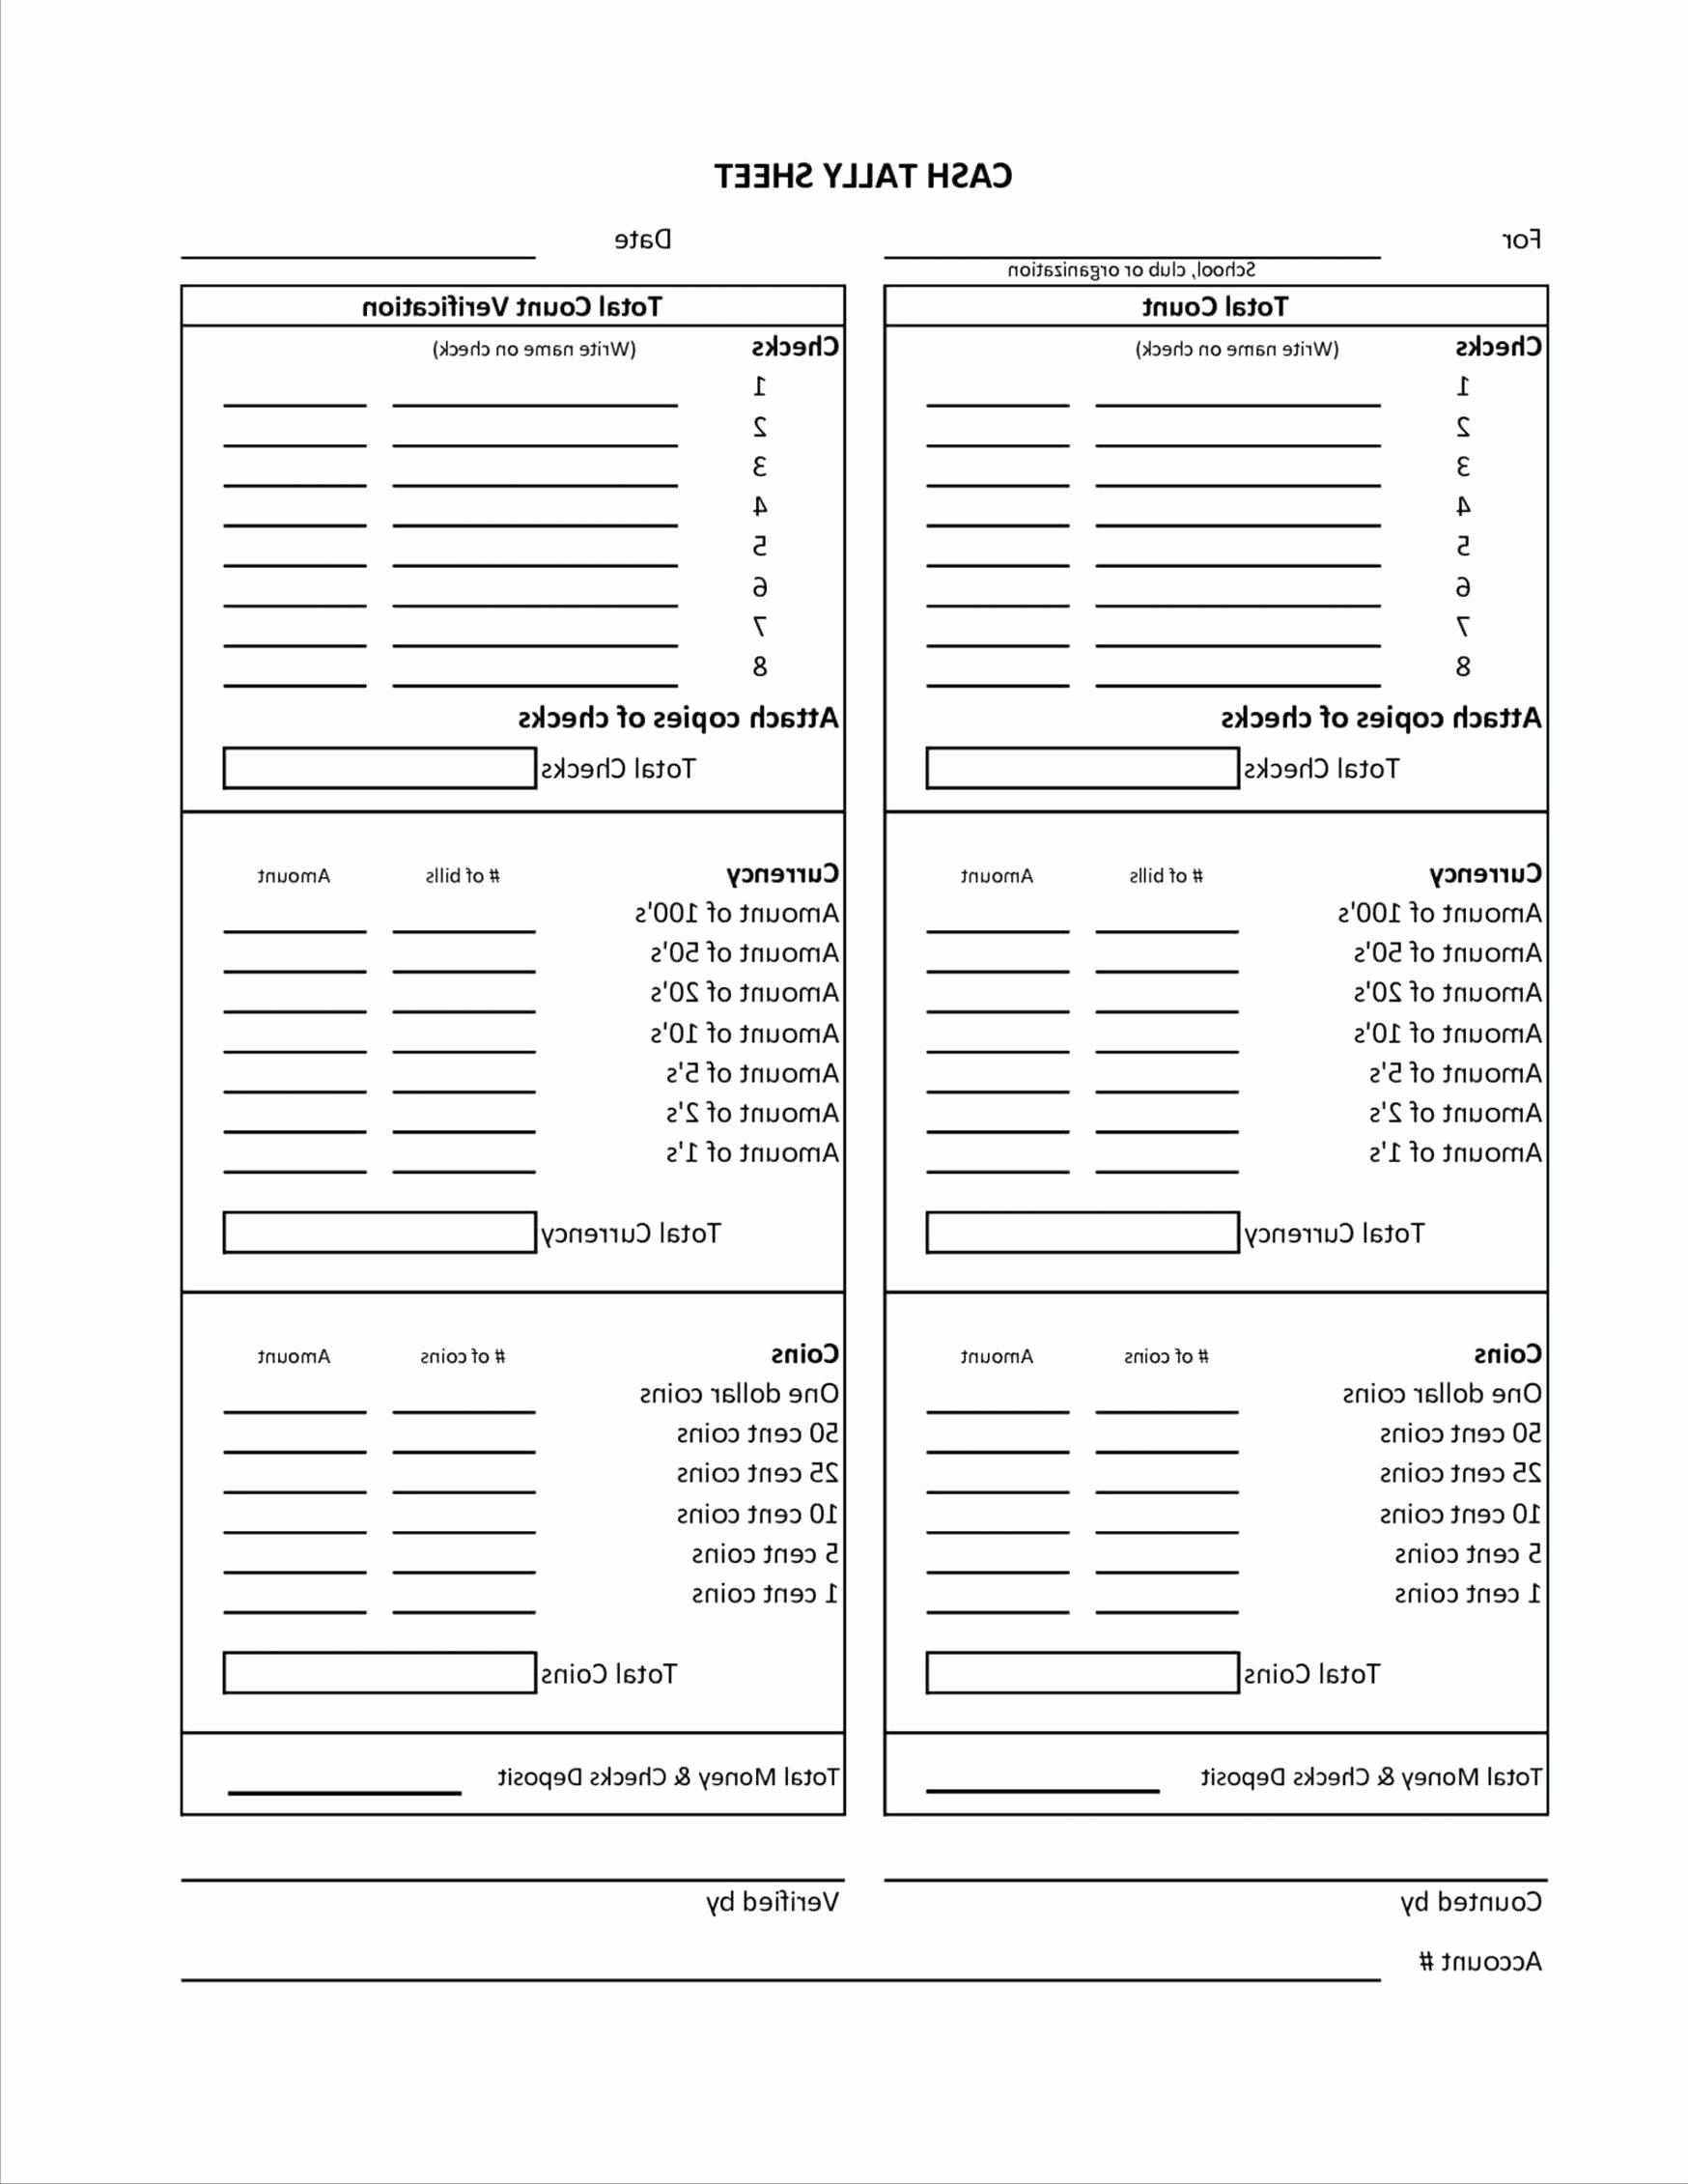 Cash Drawer Balance Sheet Template Elegant Template Daily Cash Sheet Template Excel